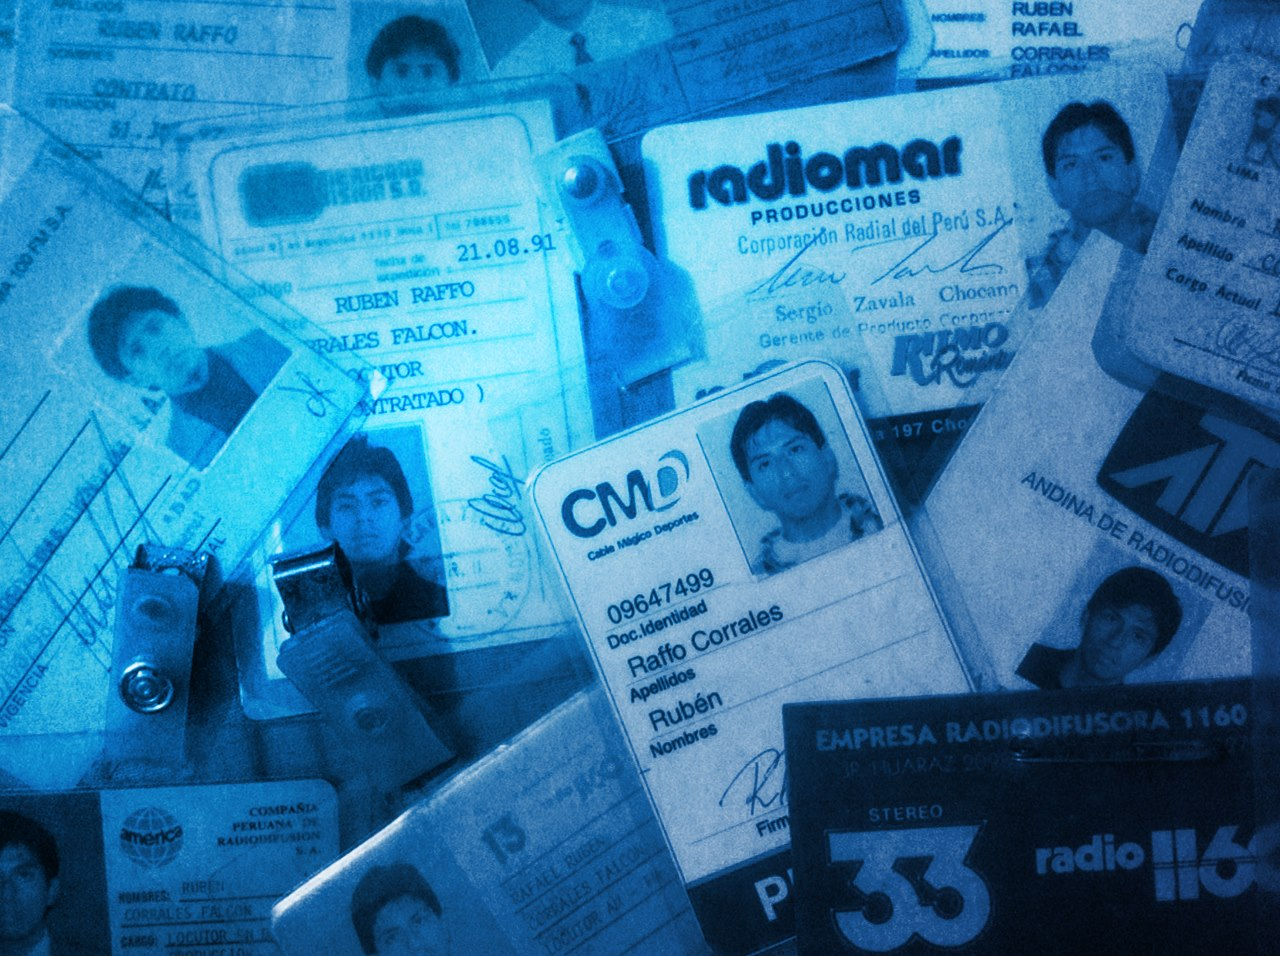 Collage Credentials